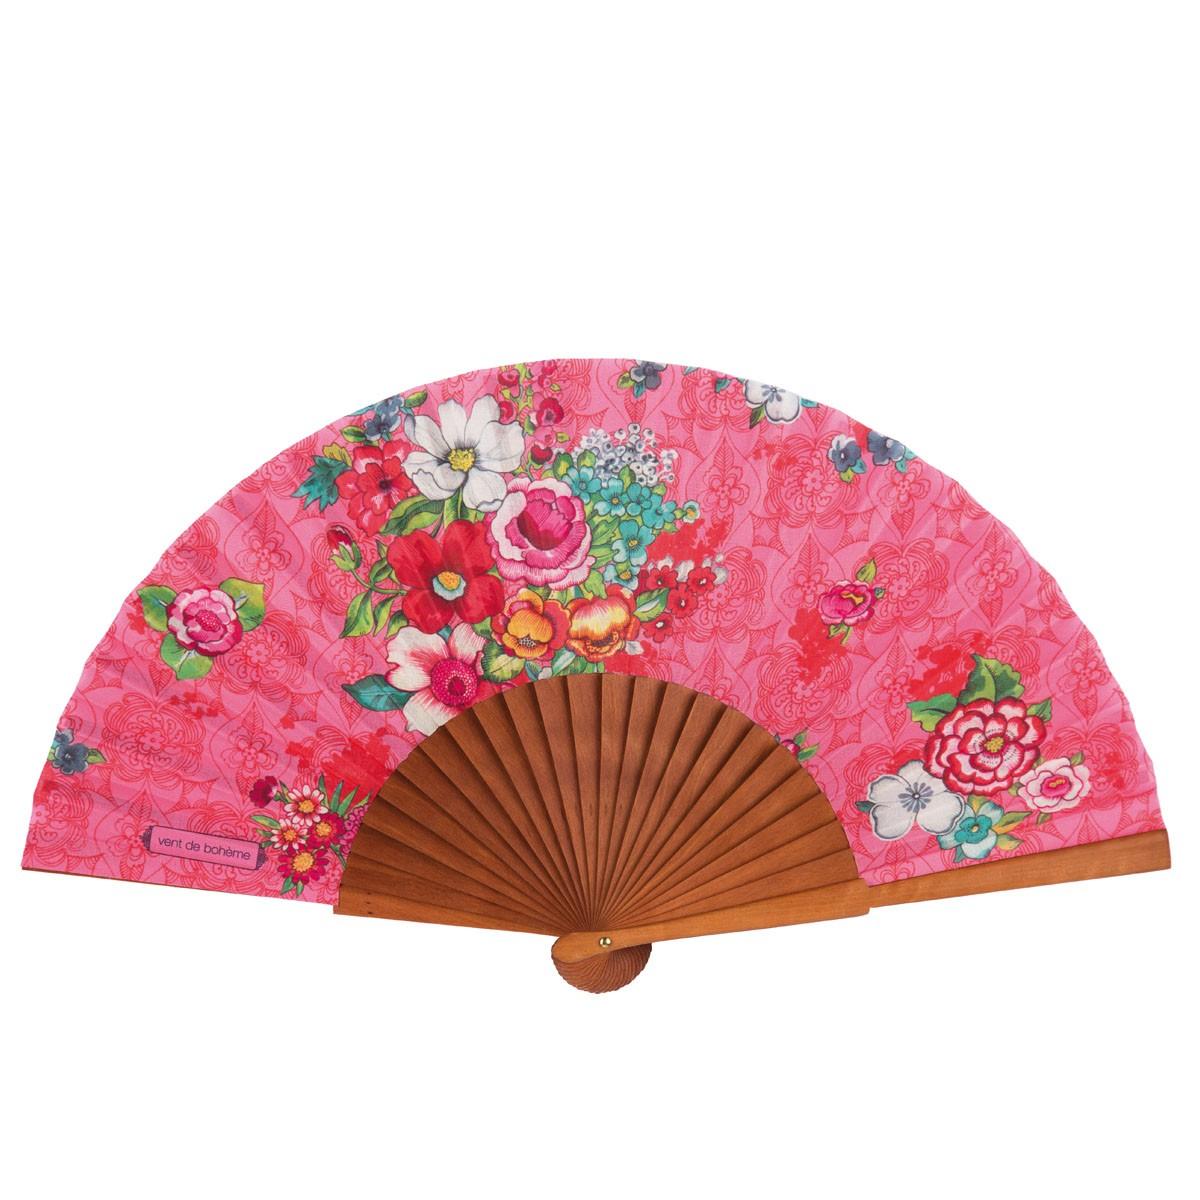 Éventail en bois de merisier et coton imprimé fleuri rose